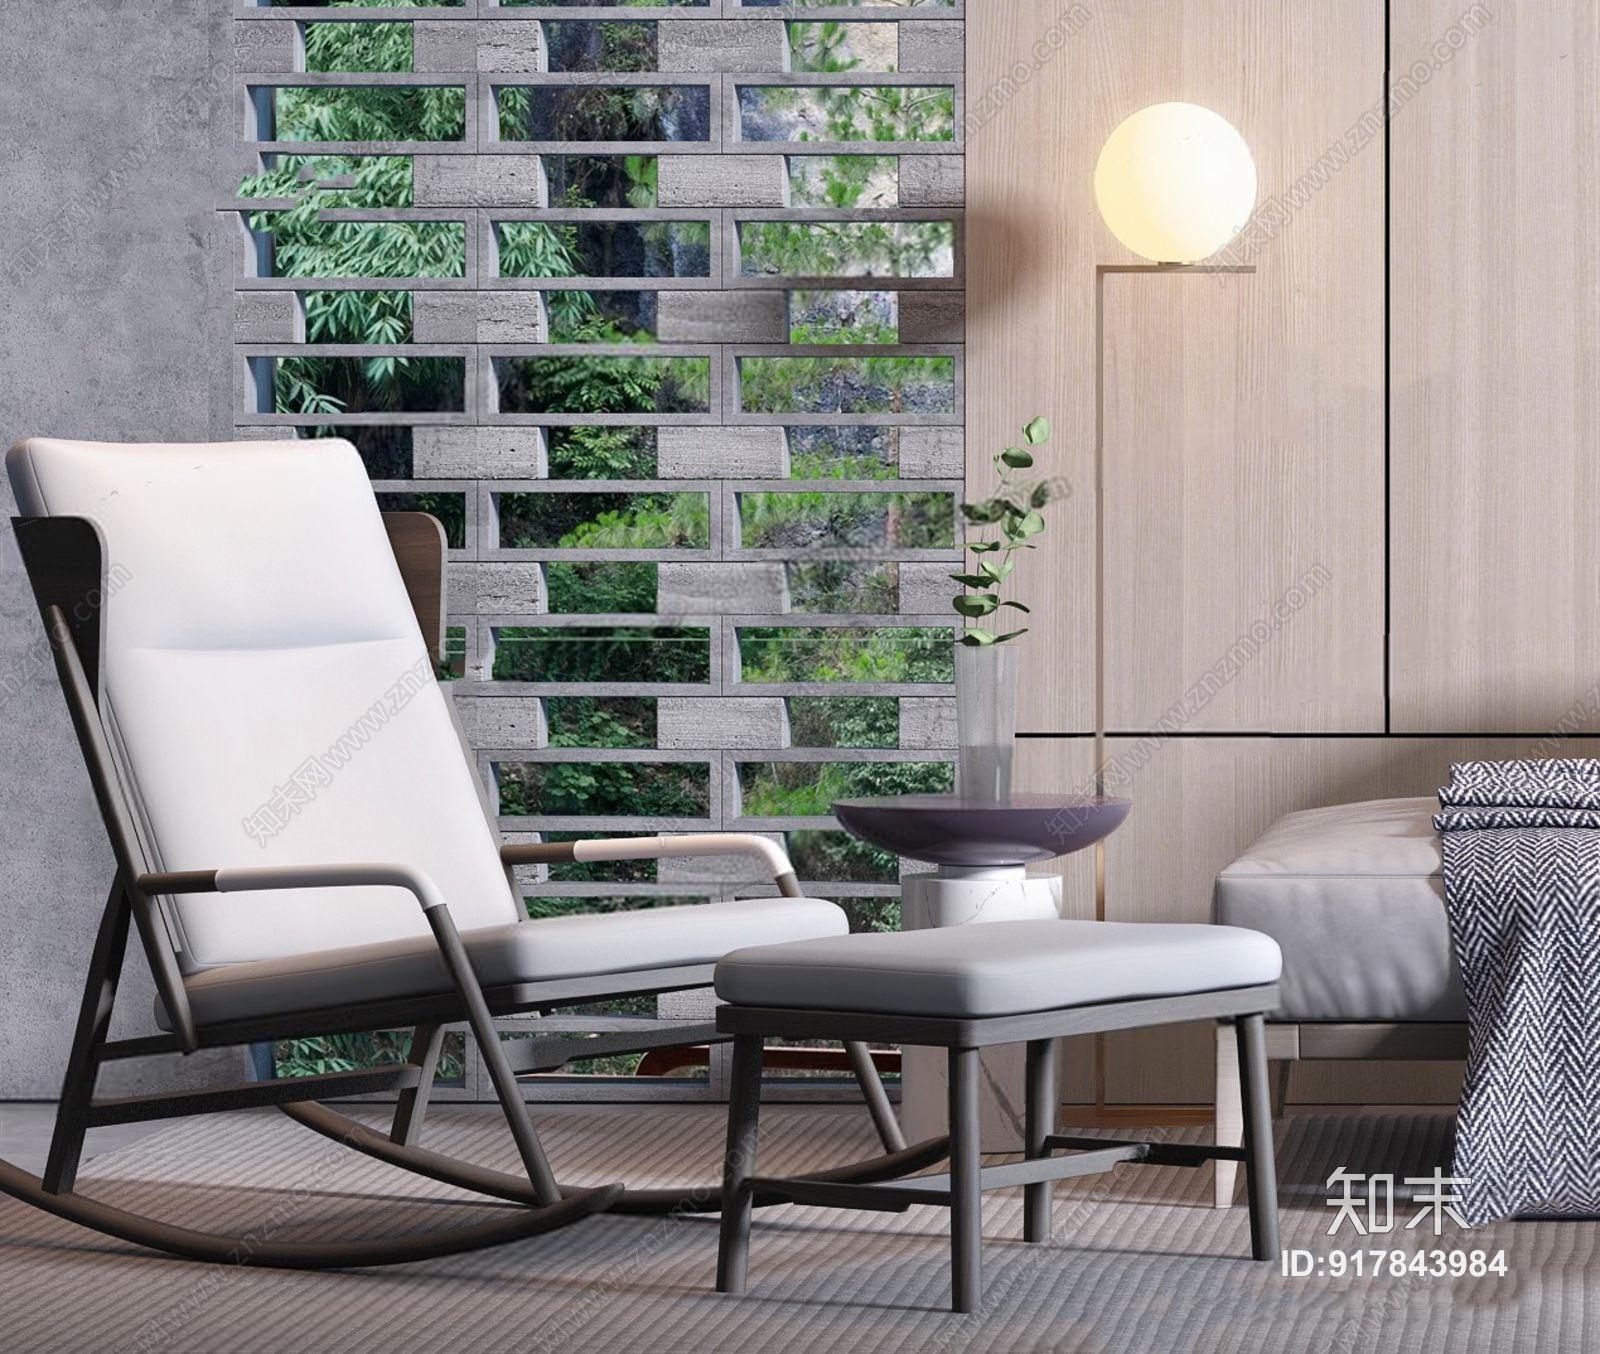 现代多人沙发茶几休闲椅 现代多人沙发 圆茶几 休闲椅 脚凳 落地灯 挂画 背景墙 摆件